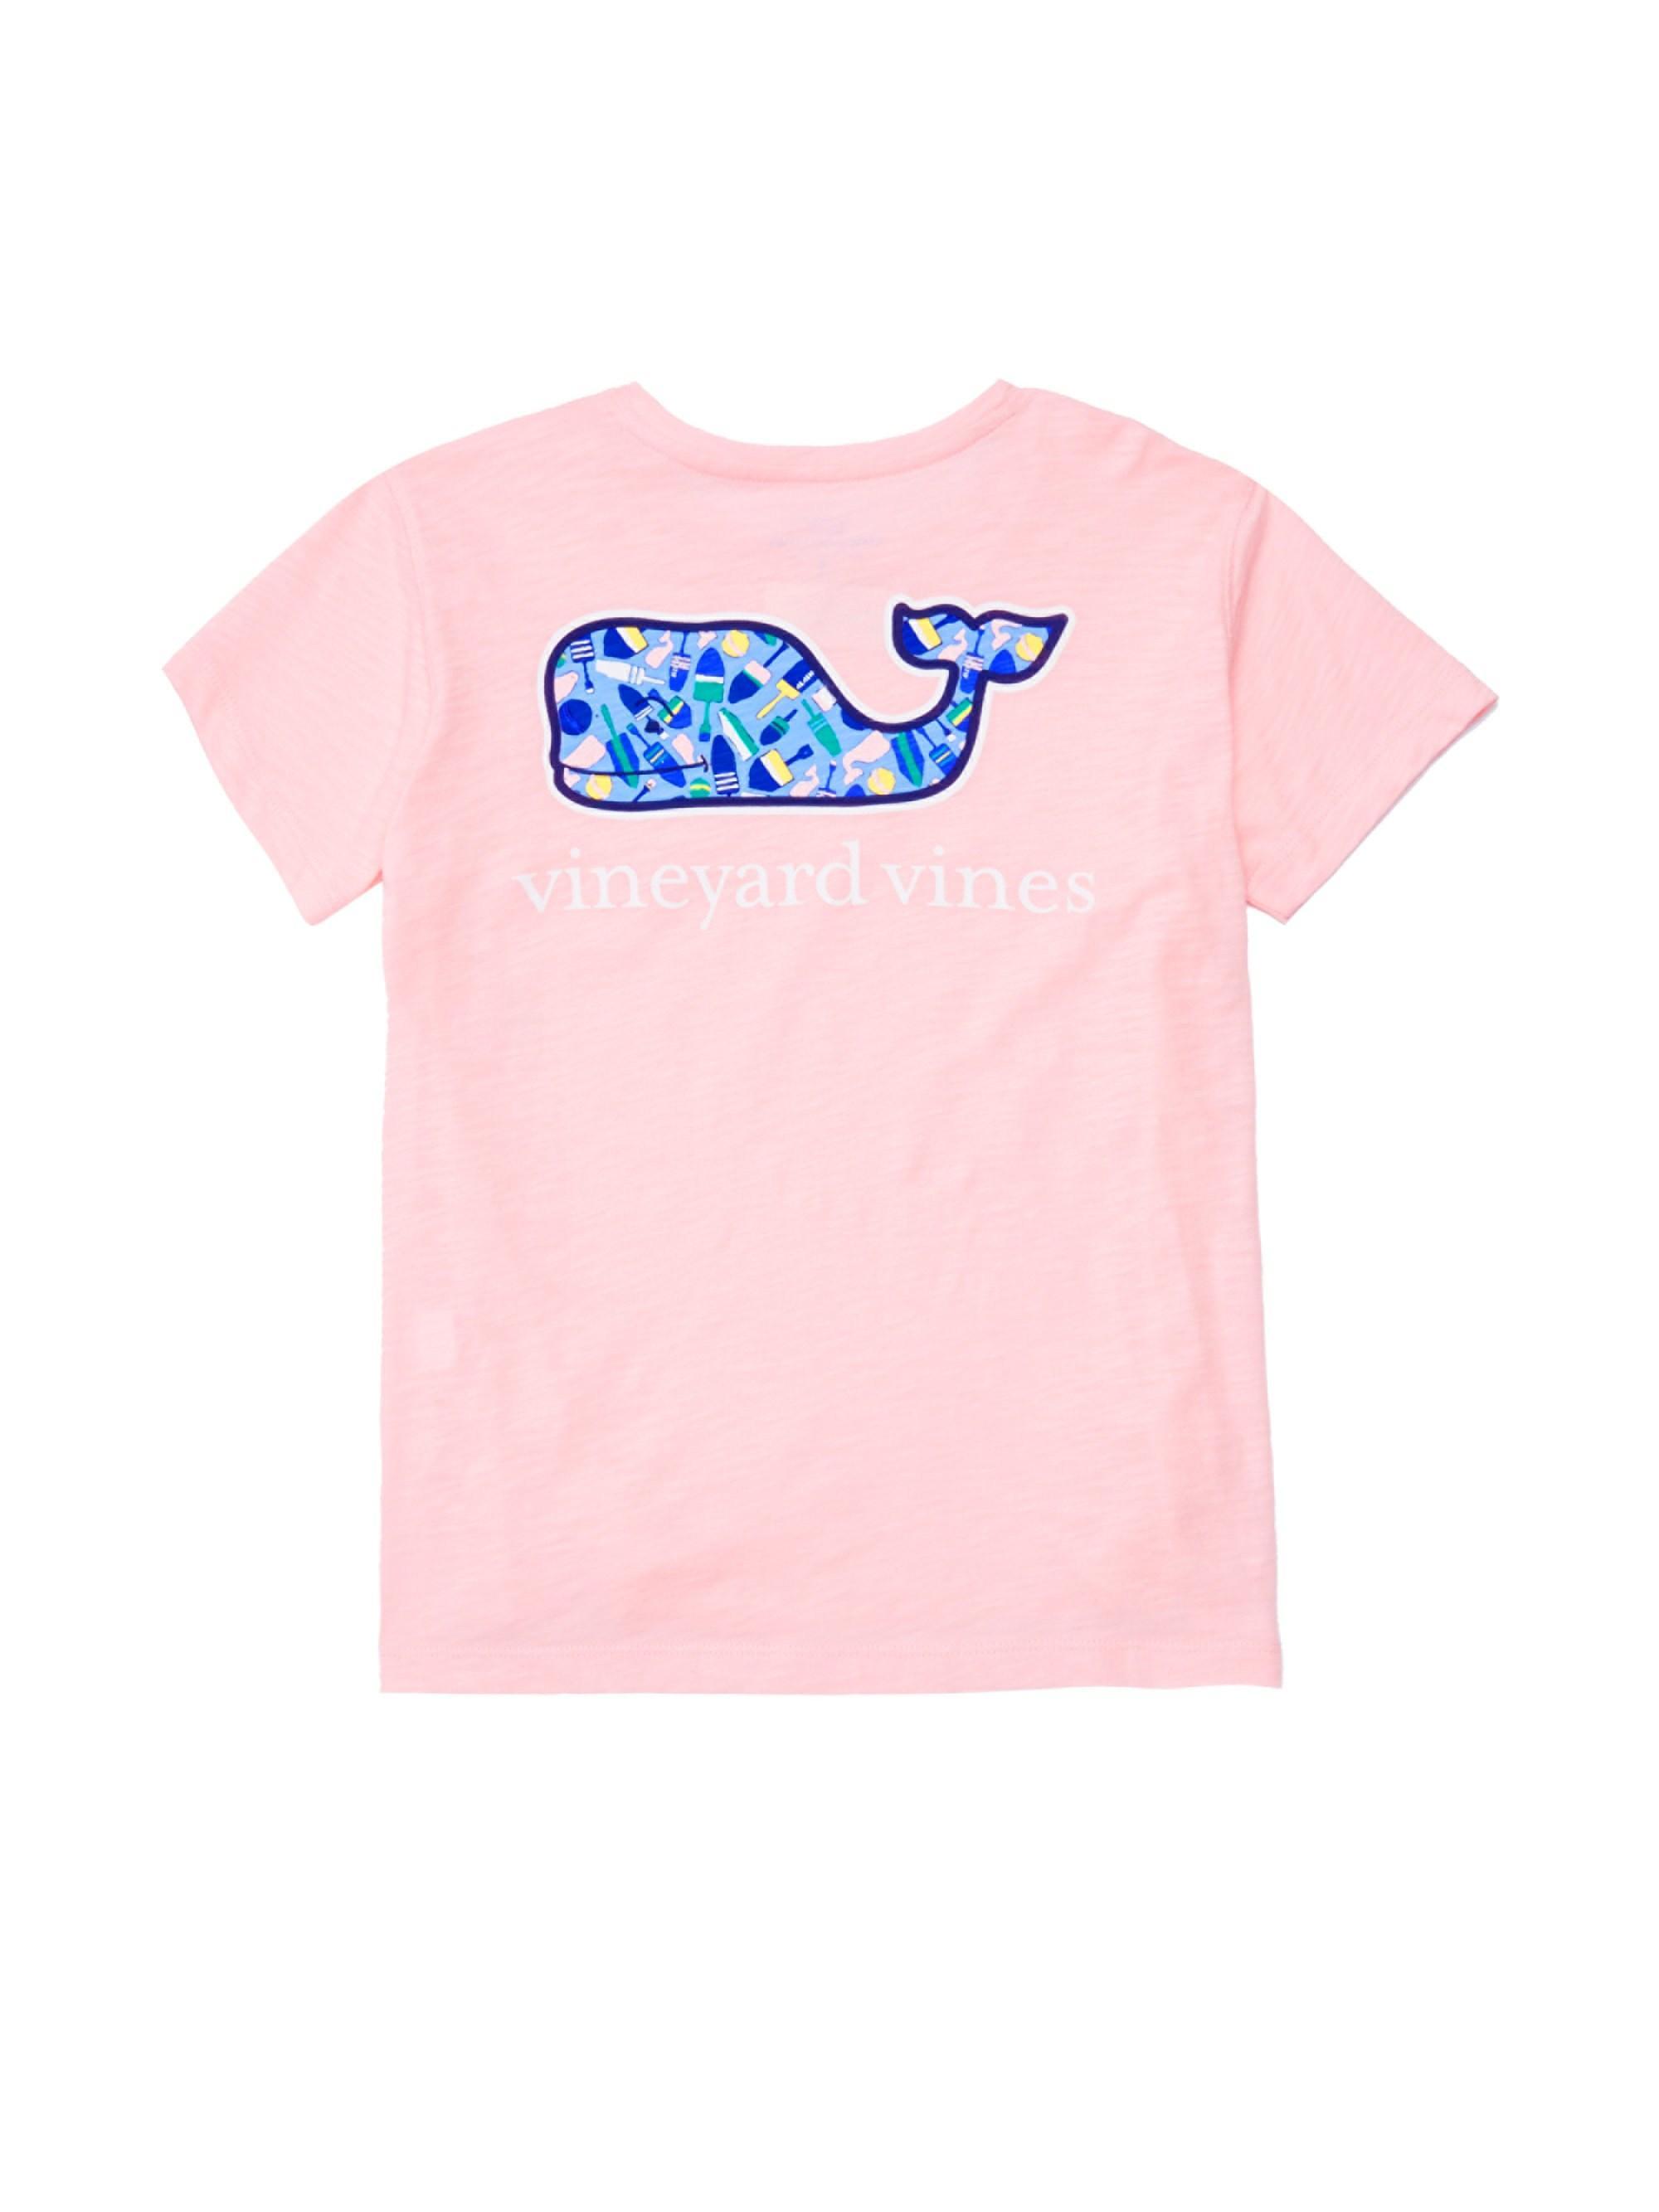 ee4b8d45 Vineyard Vines Little Girl's & Girl's Short Sleeve Whale T-shirt ...